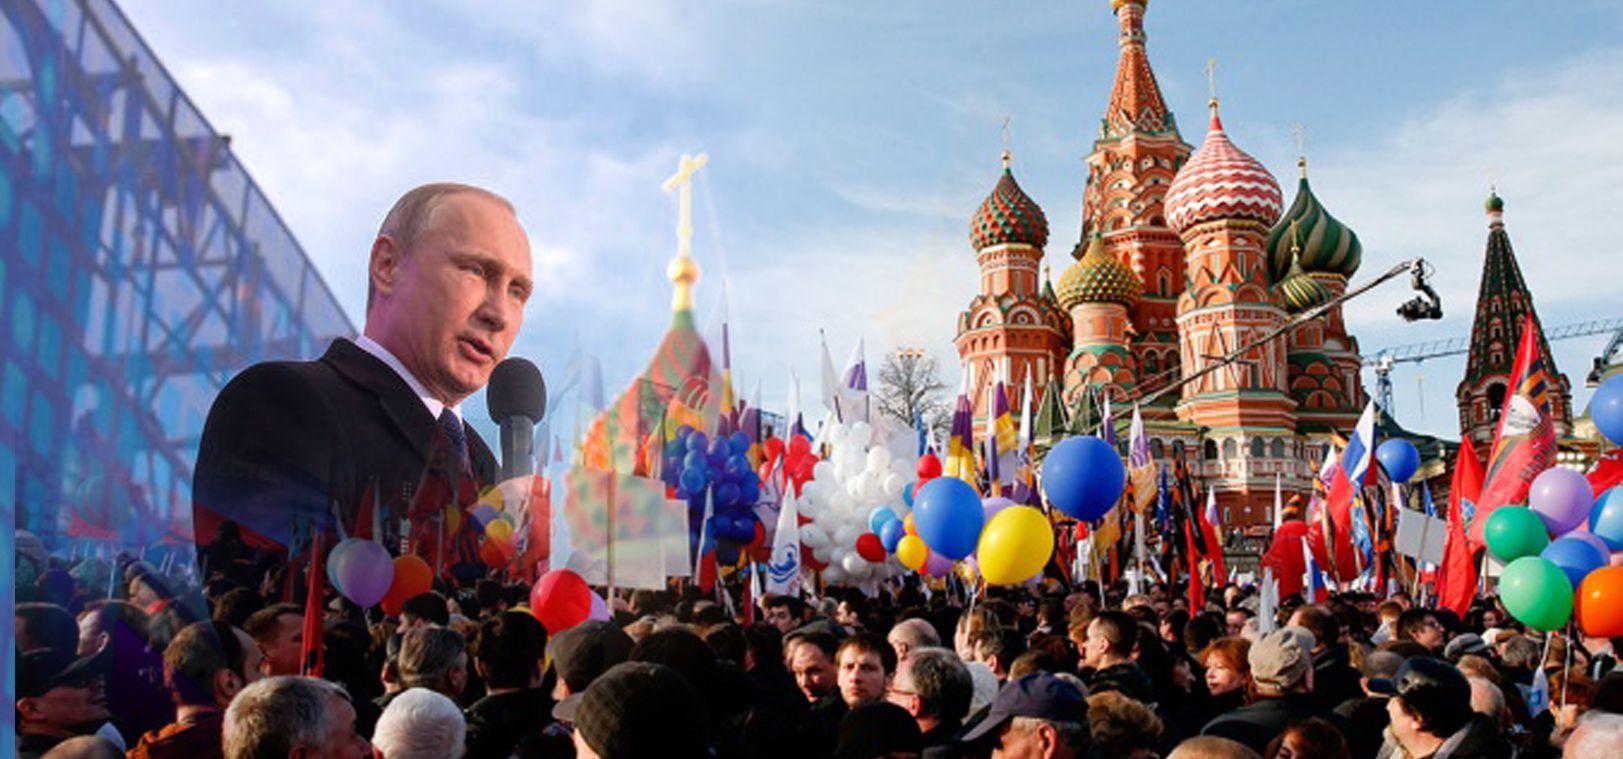 Azeri Sahar Tv | Путин выступил с речью на концерте в честь годовщины присоединения Крыма |